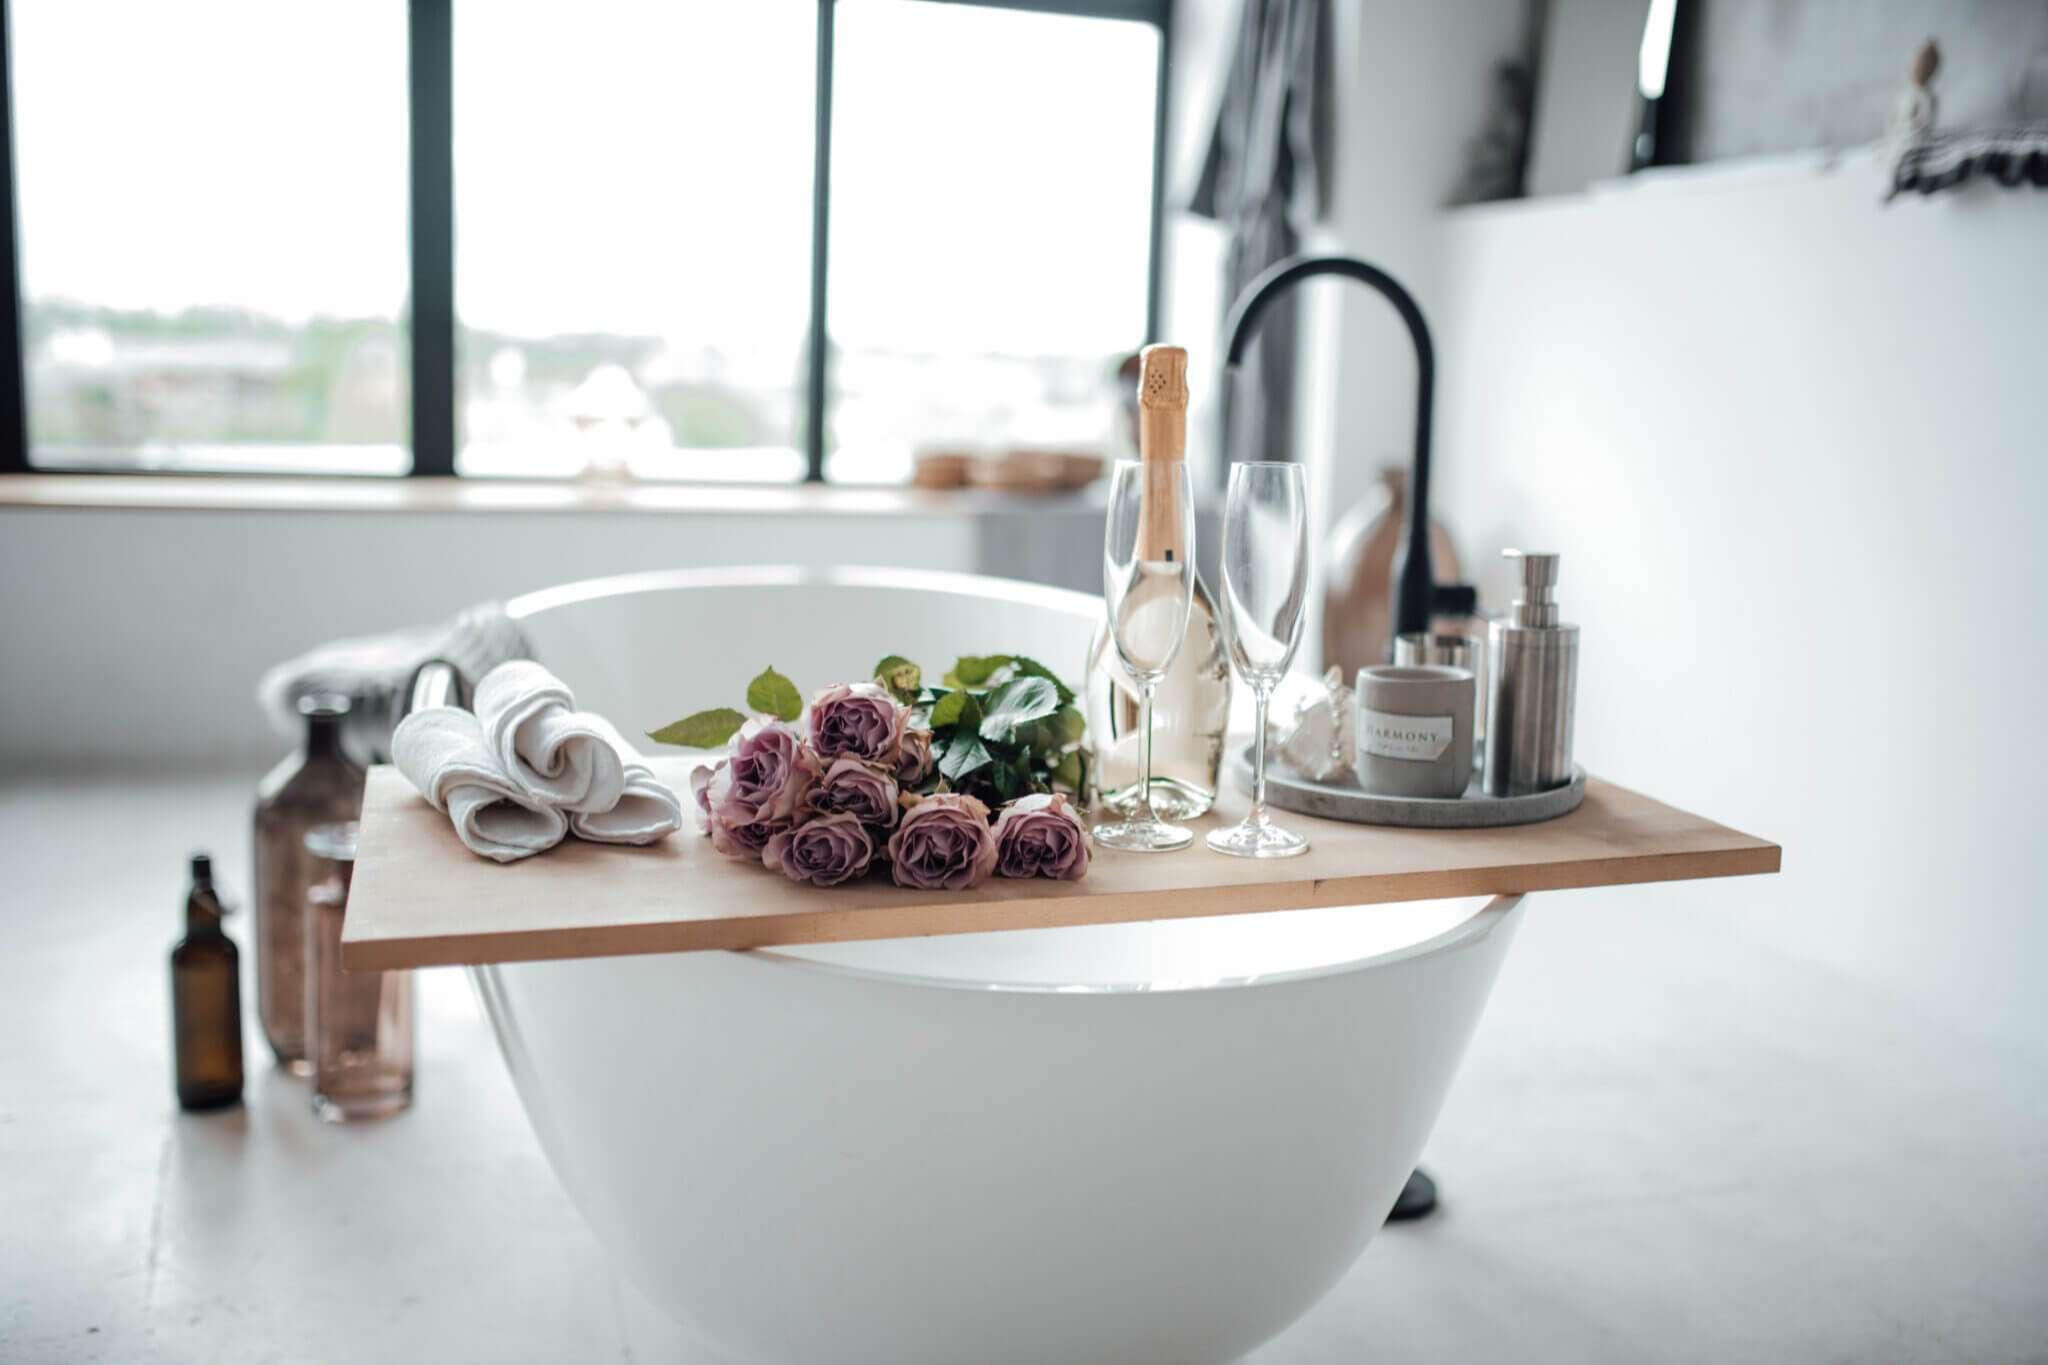 Các tính năng phòng tắm giống như spa